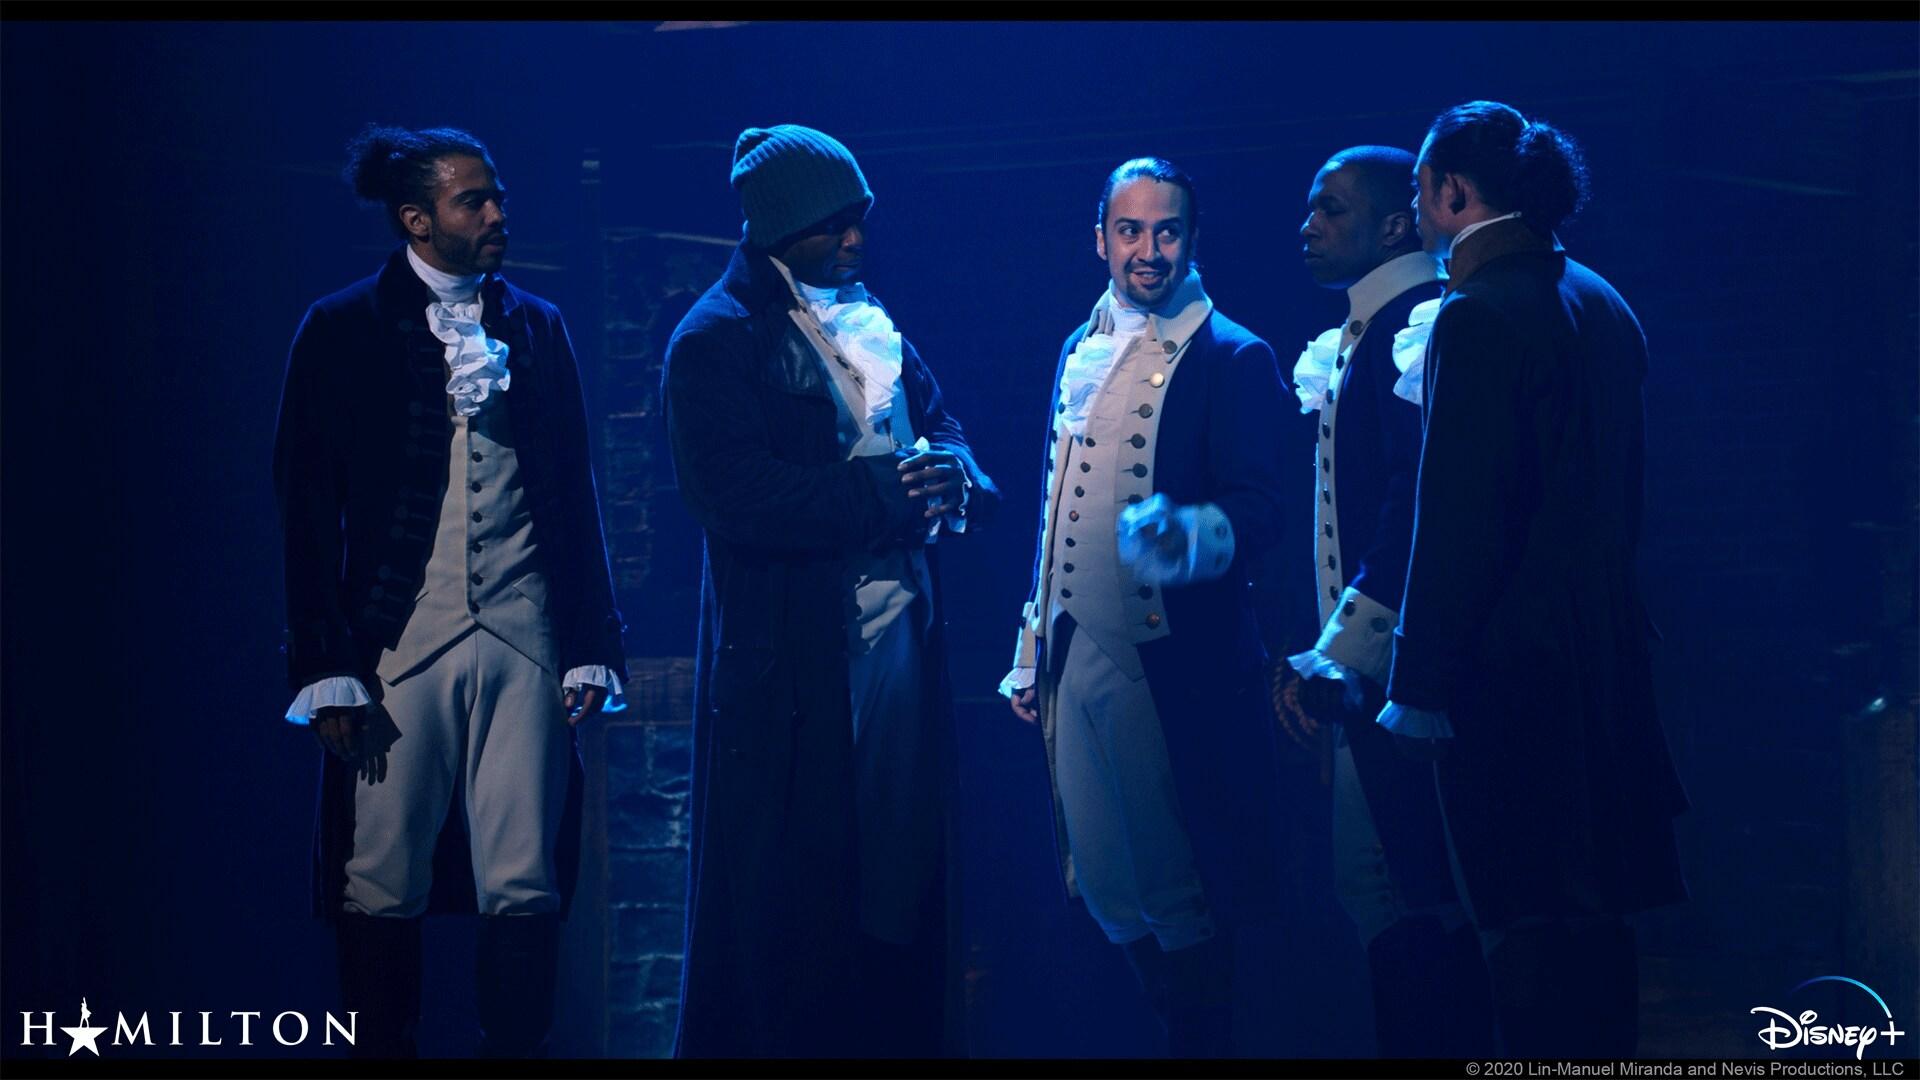 11 curiosidades sobre o musical Hamilton